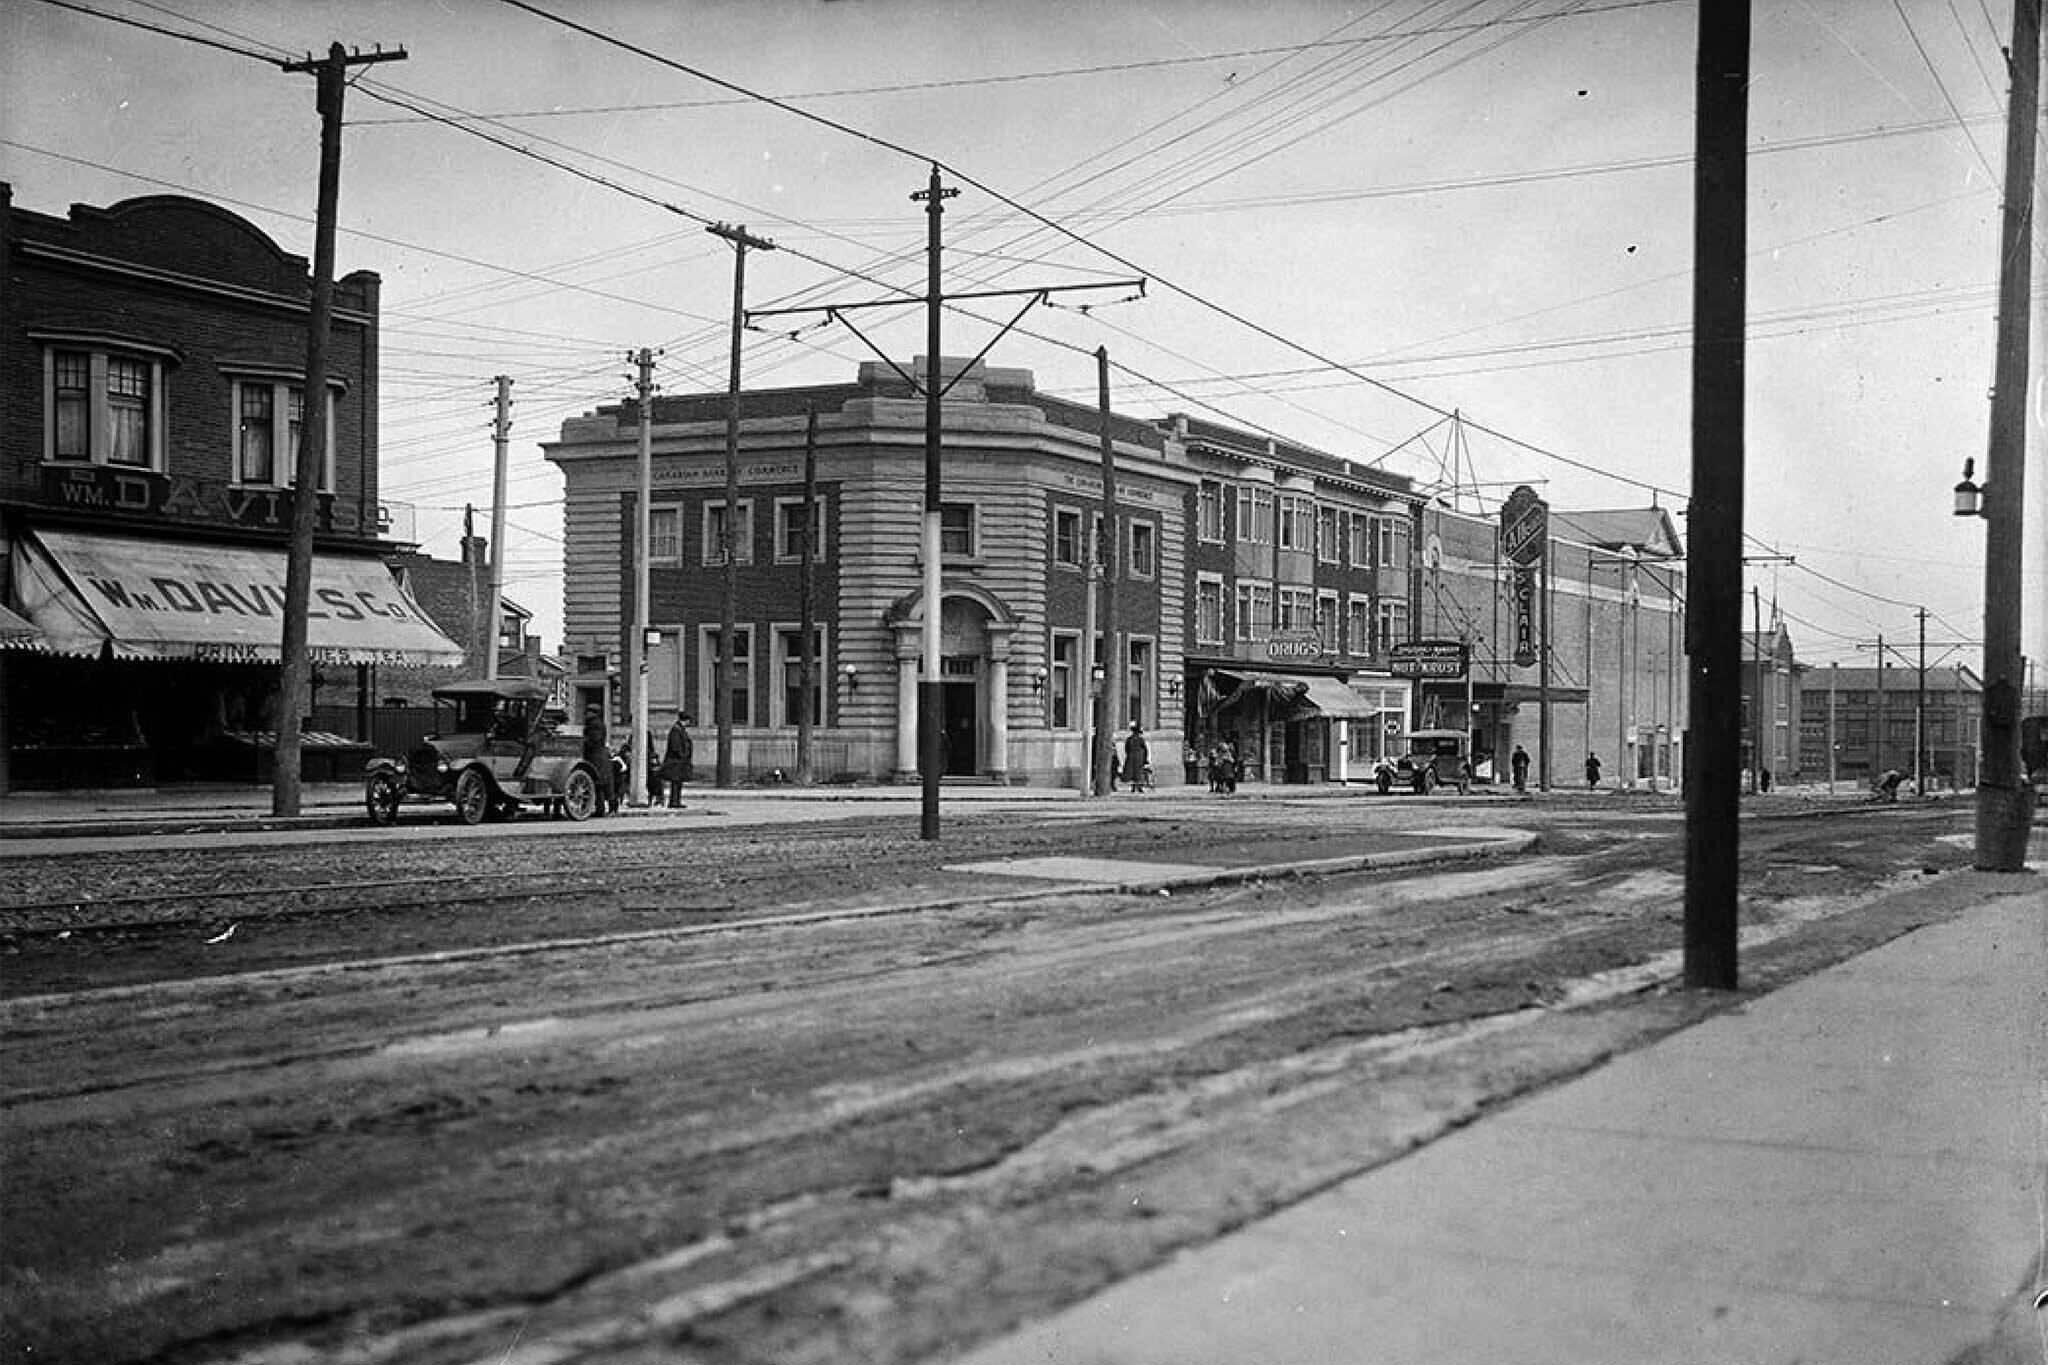 St Clair Avenue